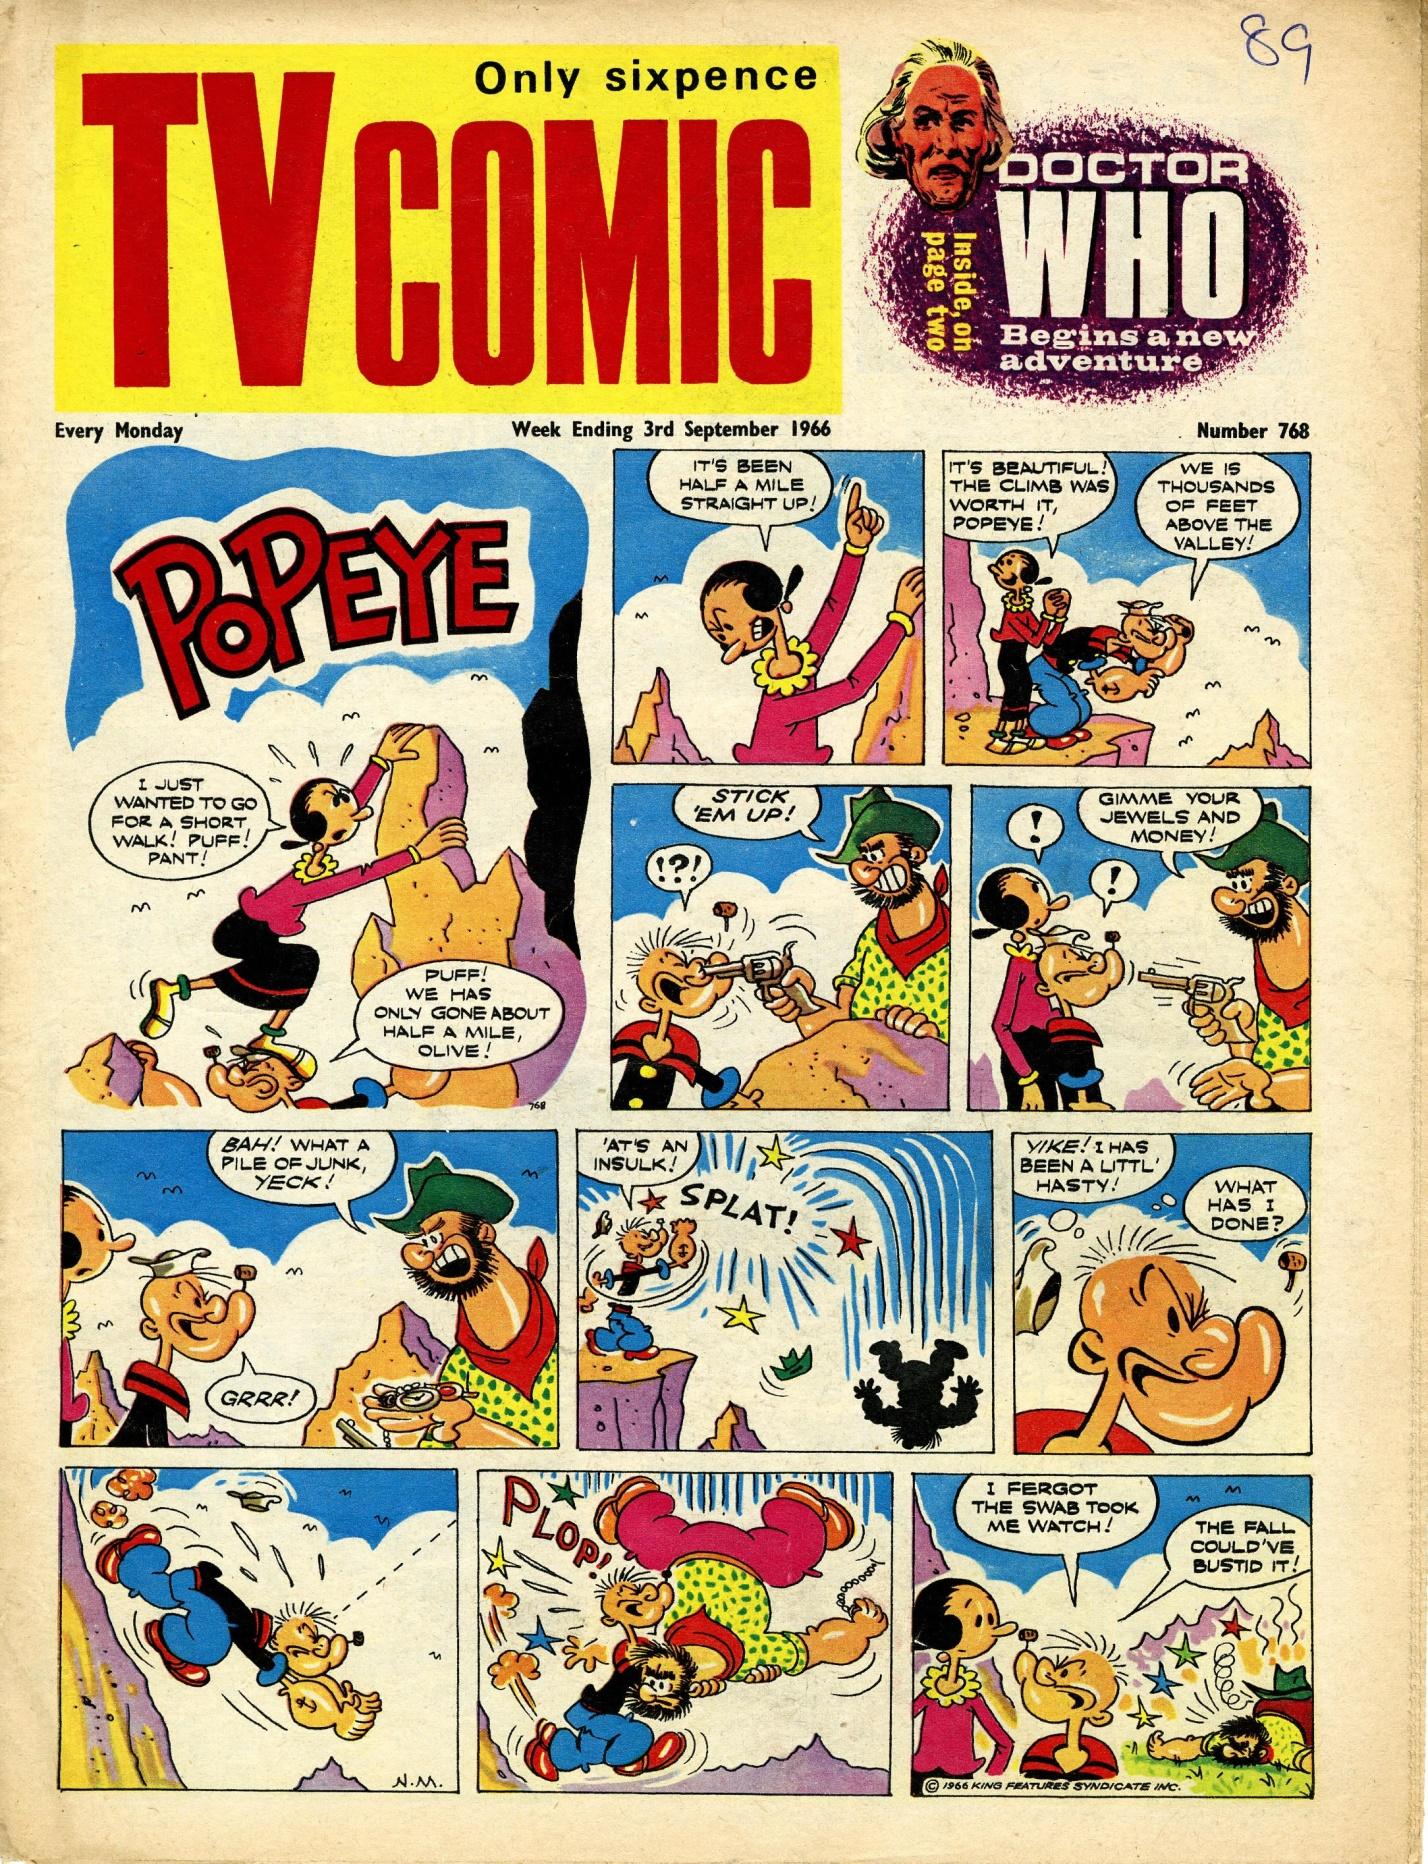 TV Comic, no. 768, 3 September 1966